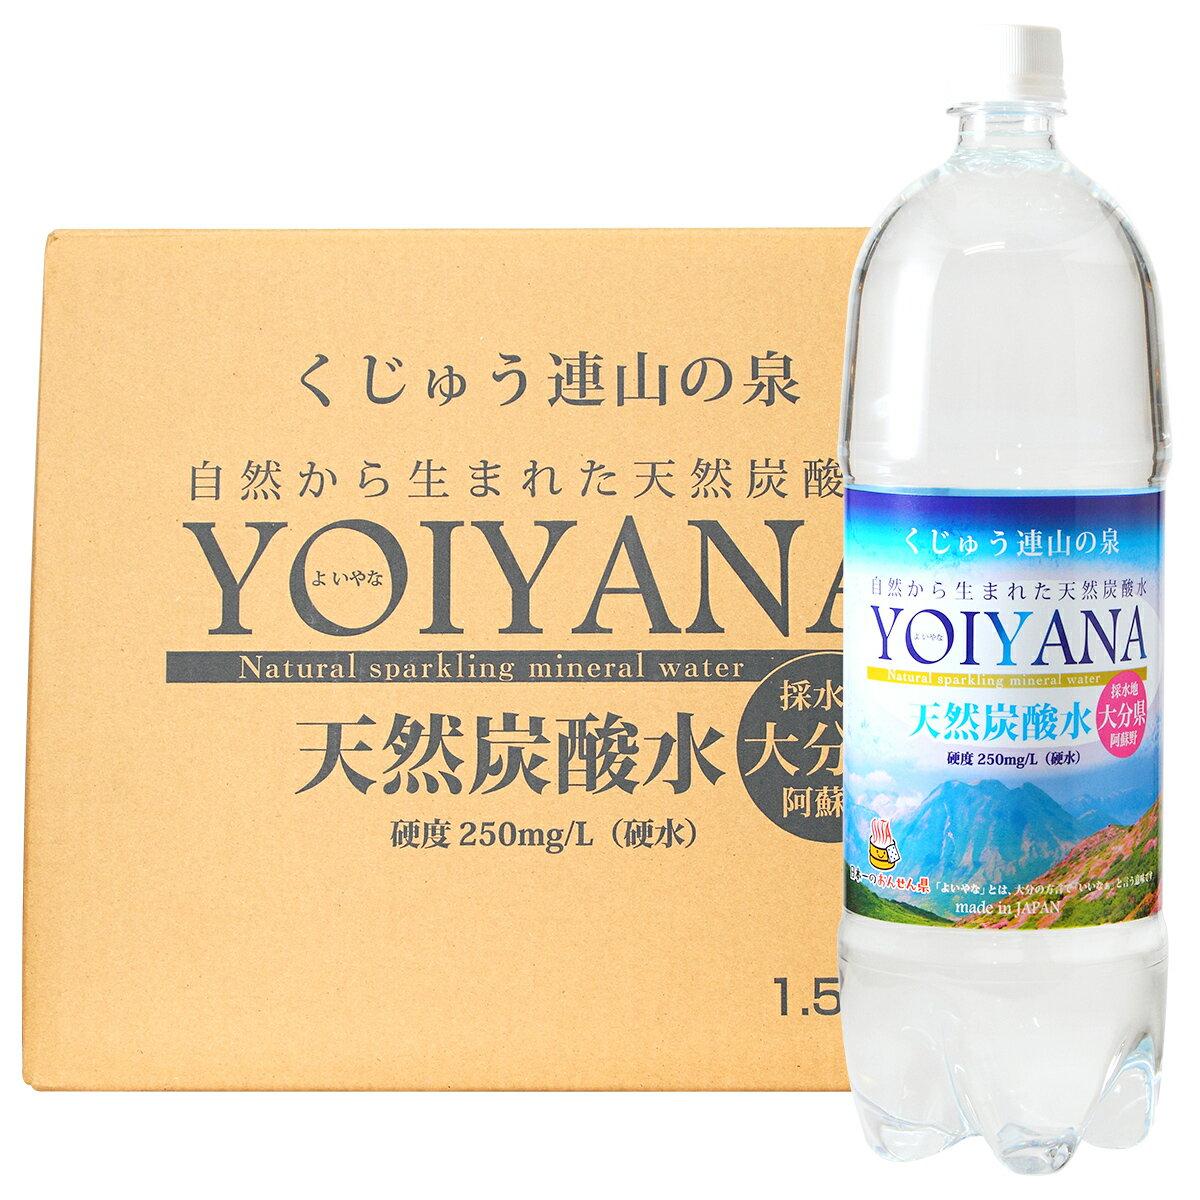 天然炭酸水 よいやな 1.5L PET 1ケース【12本入り】【送料無料】YOIYANA